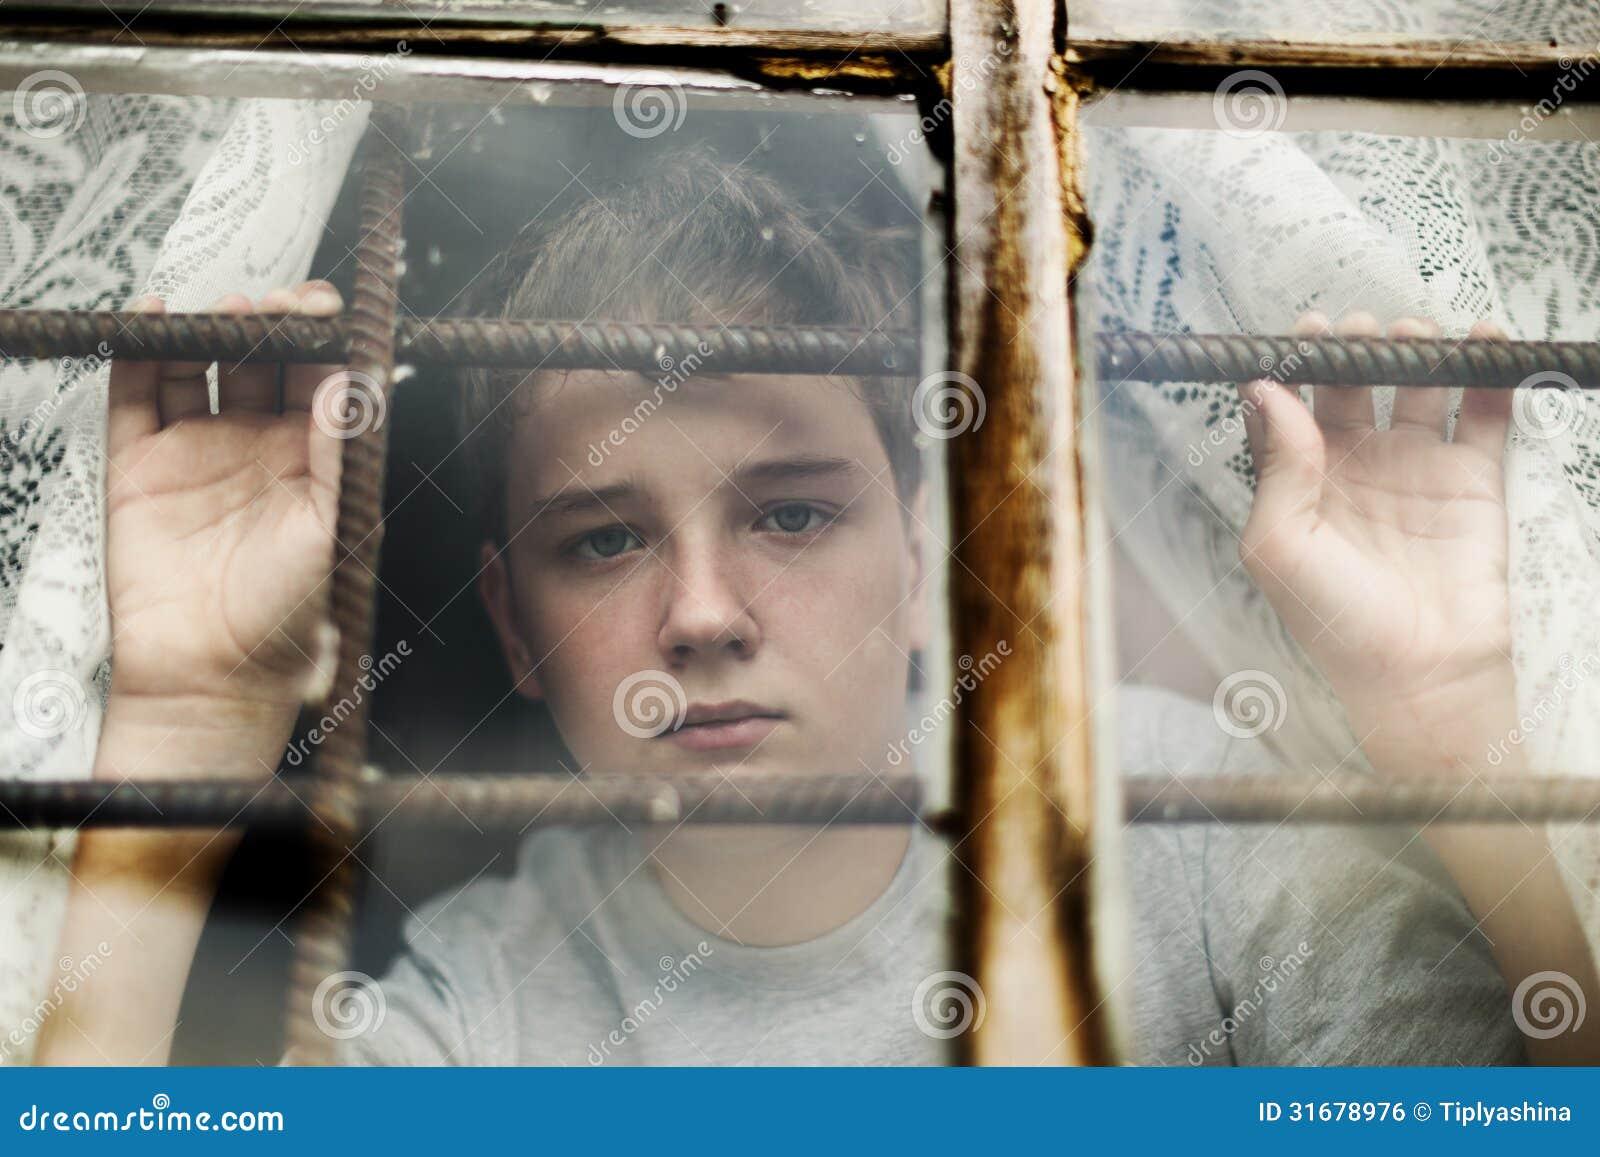 Der Junge schaut aus dem Fenster heraus durch ein Gitter